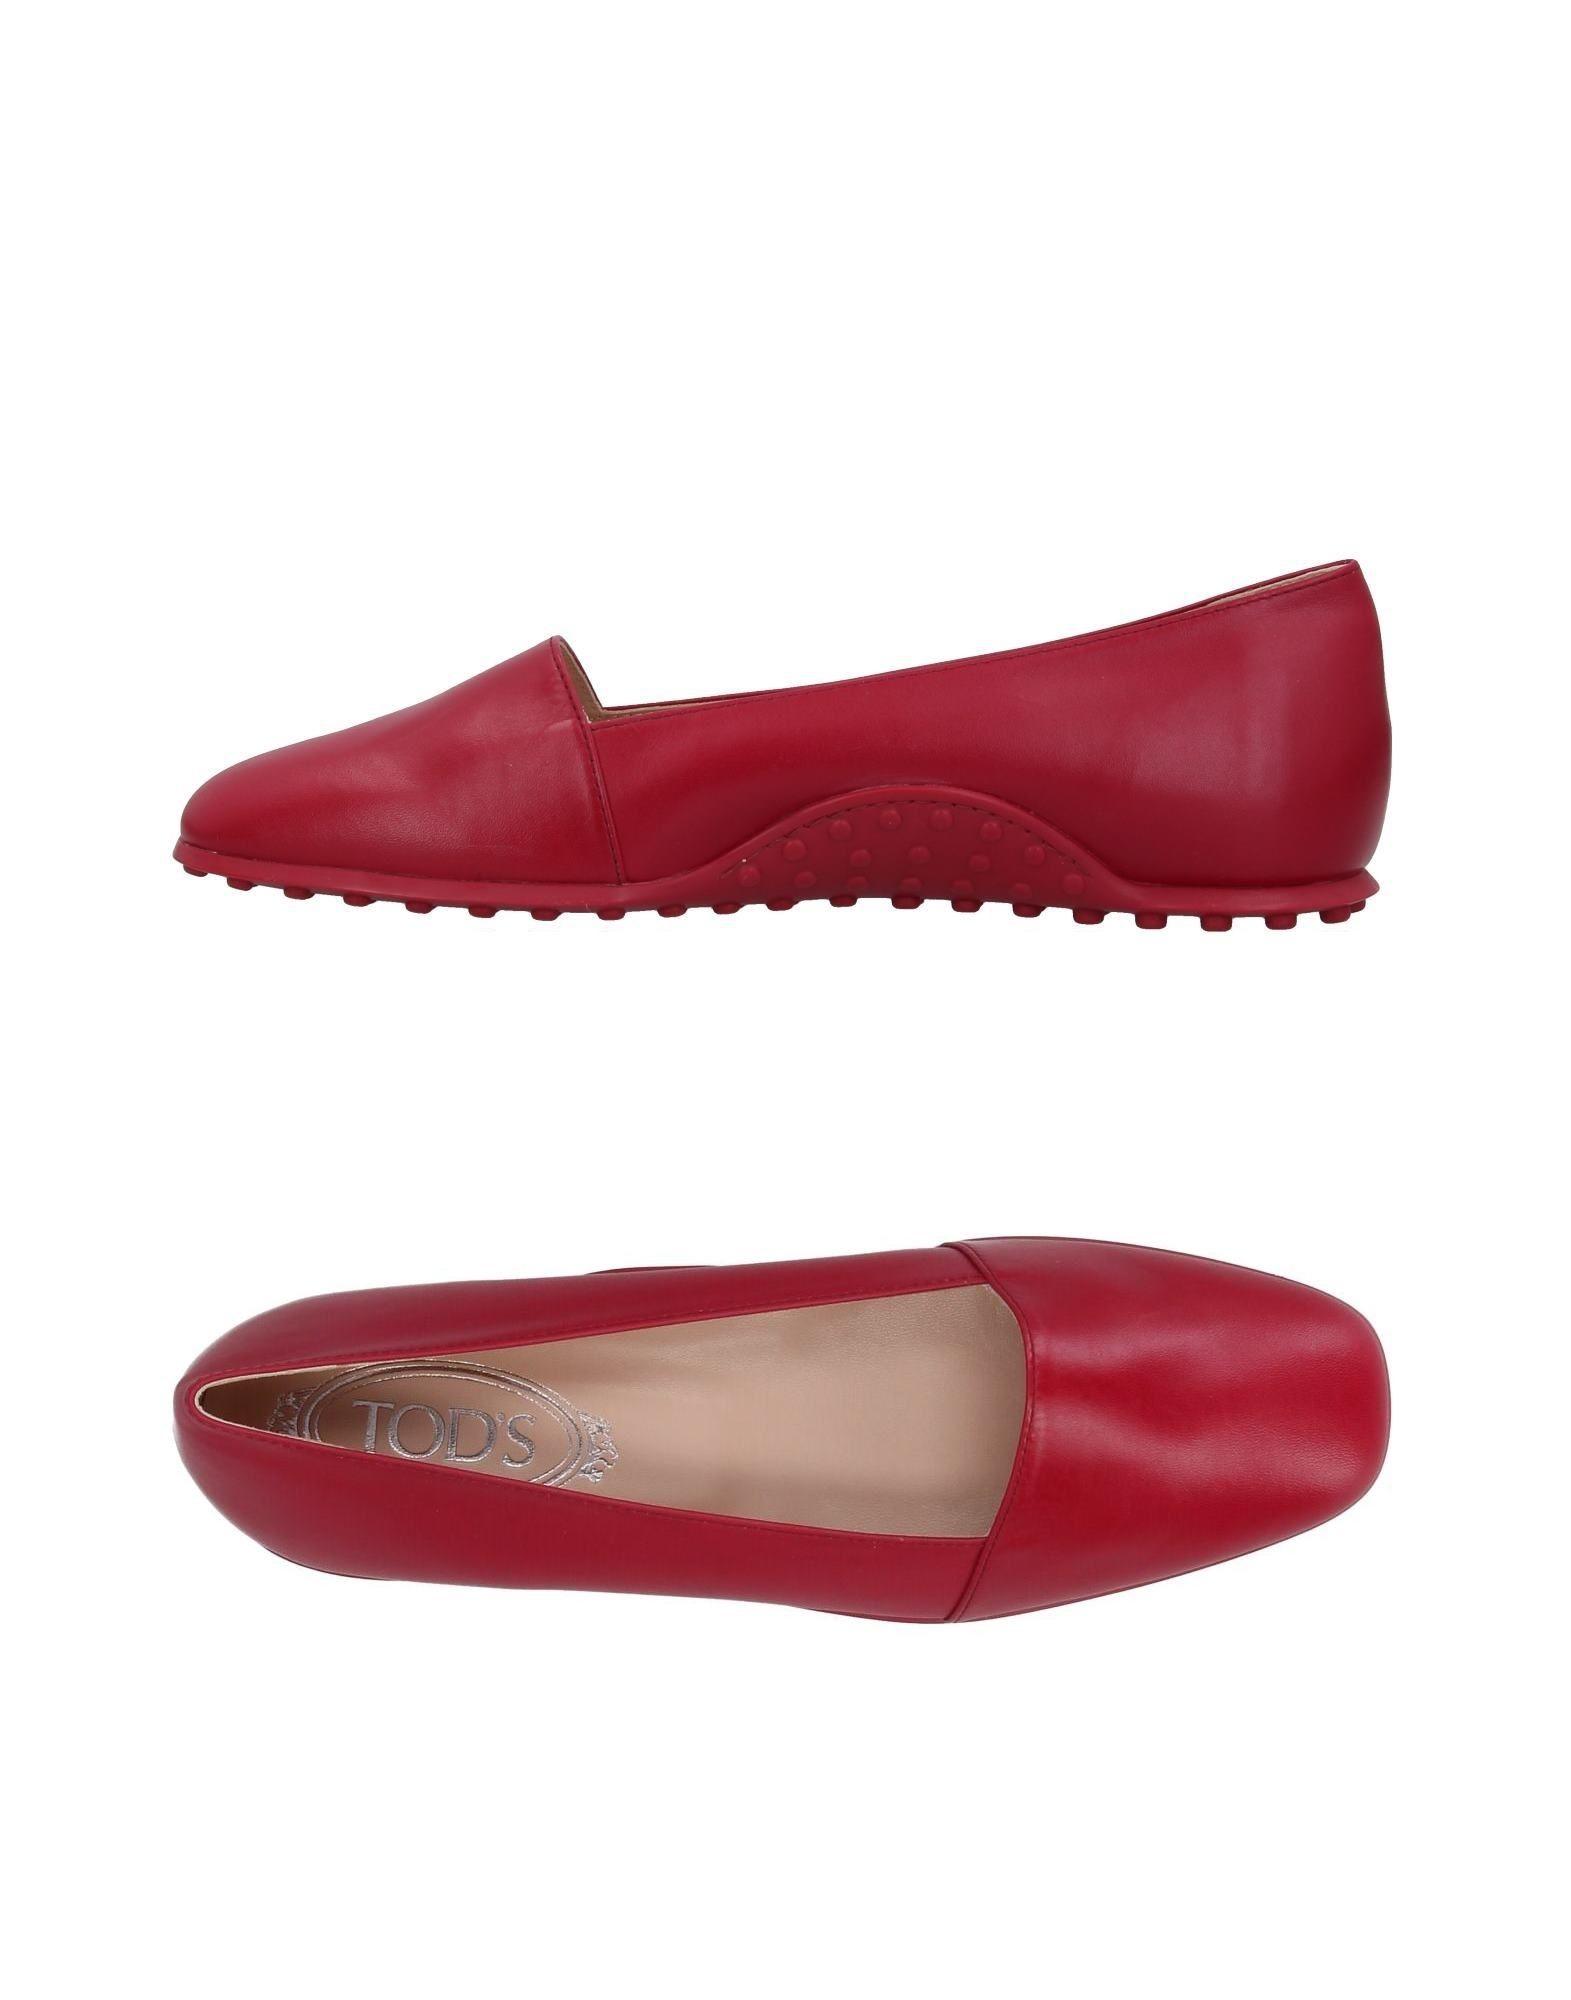 11335829EC Tod's Mokassins Damen  11335829EC  Heiße Schuhe a922de